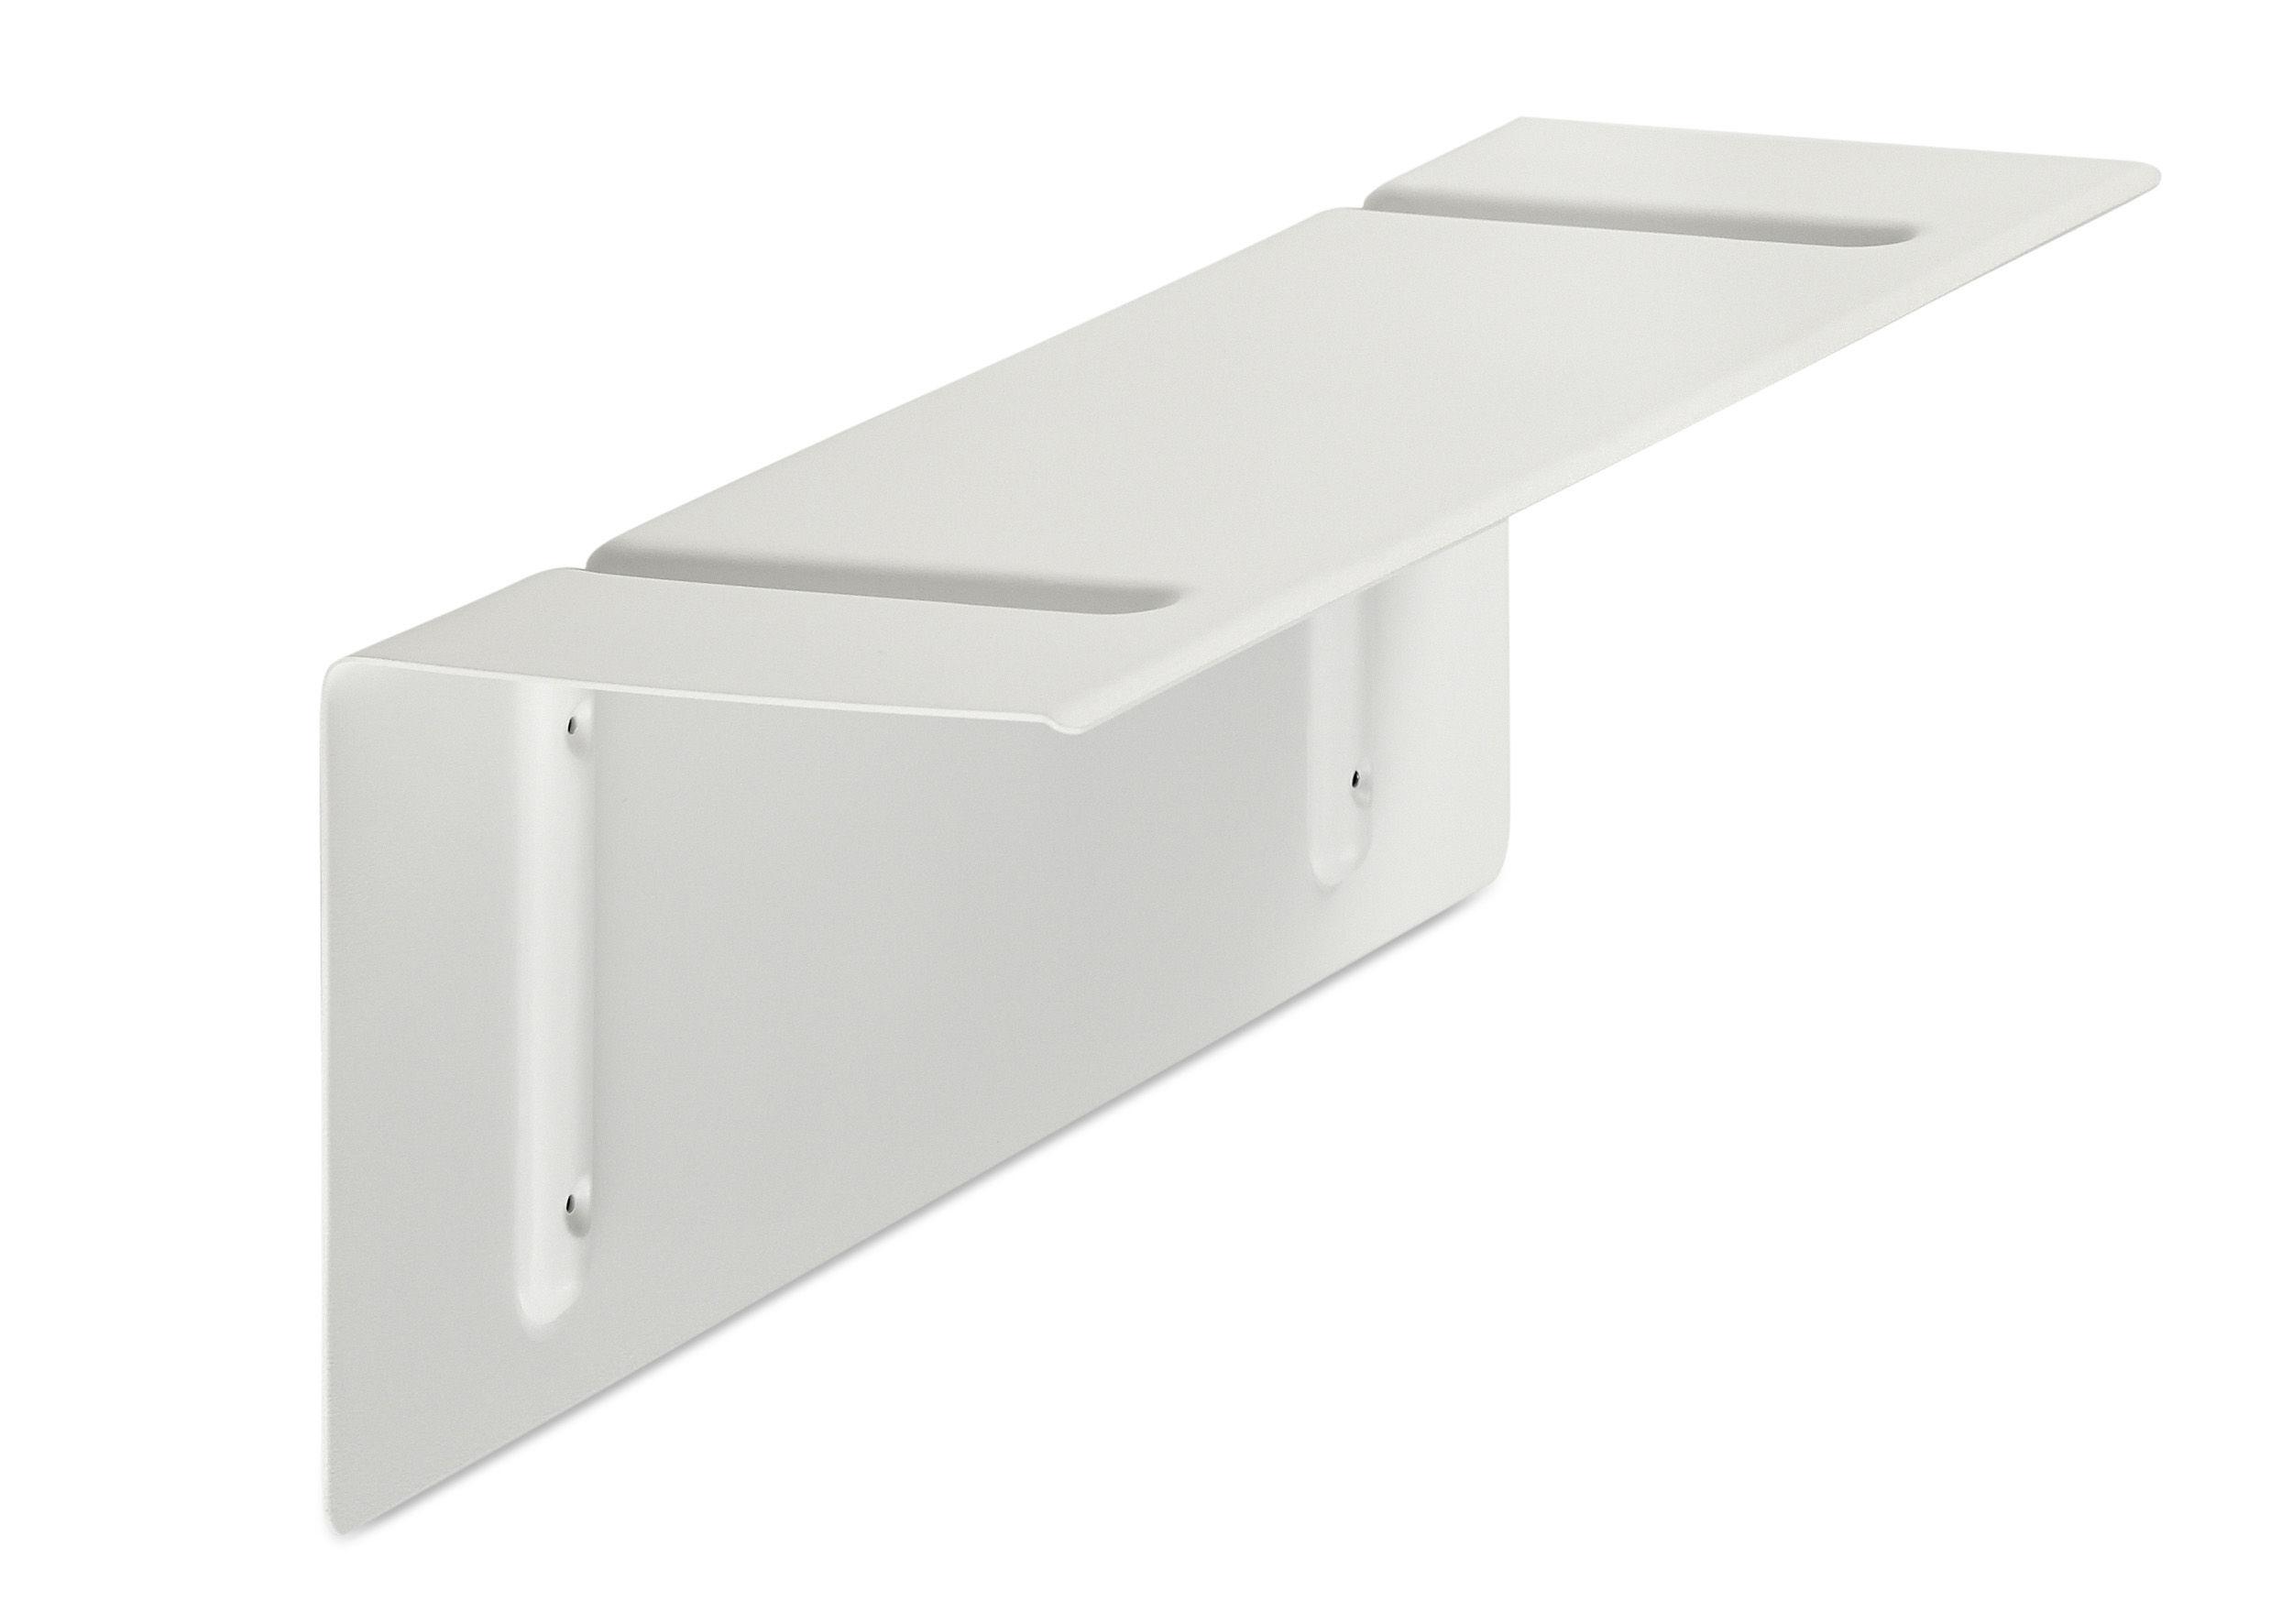 Möbel - Regale und Bücherregale - Brackets Included Regal / L 60 cm - Hay - Weiß - lackierter Stahl